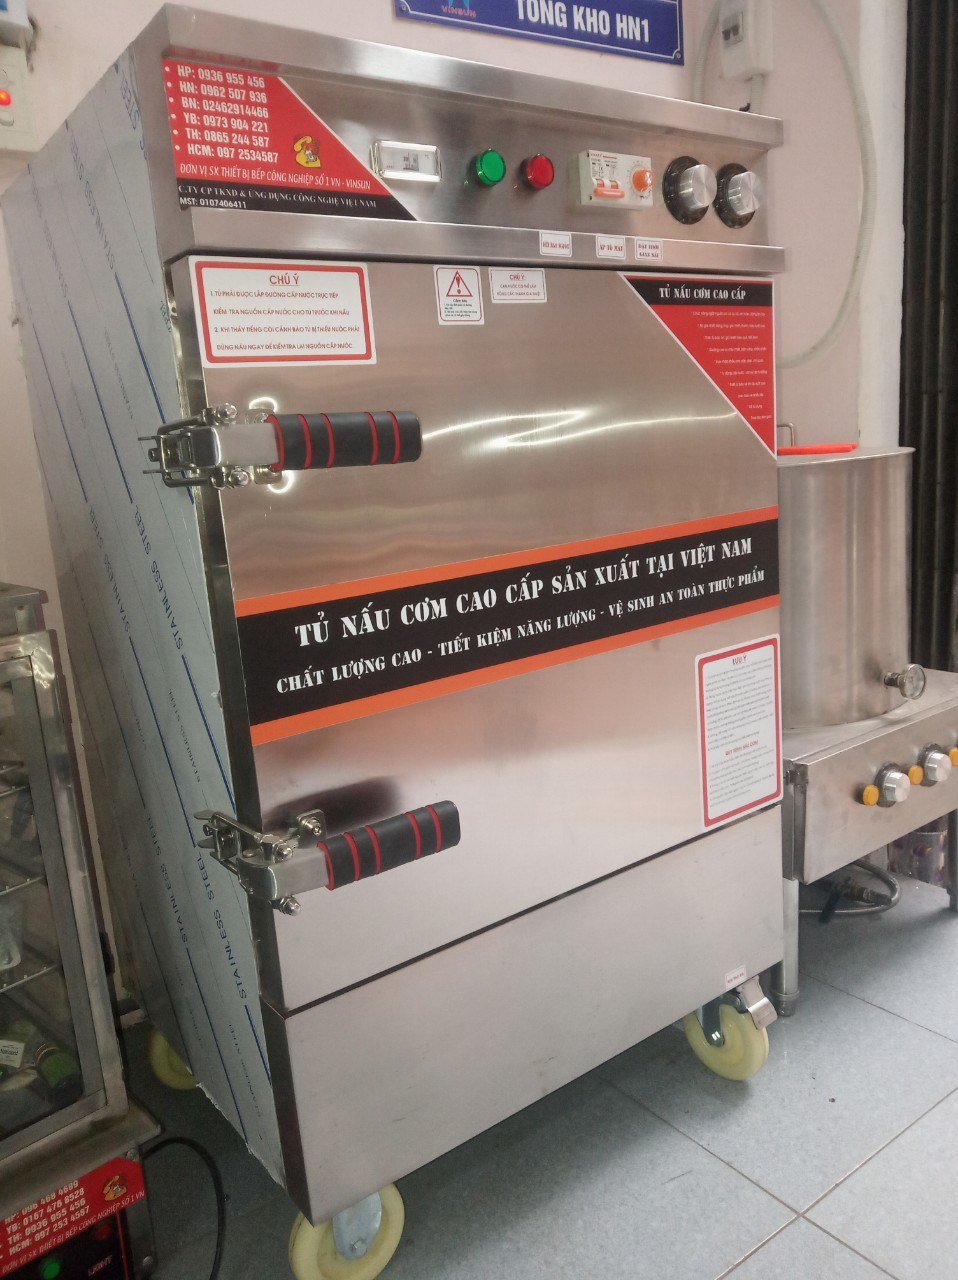 Tủ hấp bánh Flan-Caramen-Bánh Bao 6 Khay Điện Tự Động